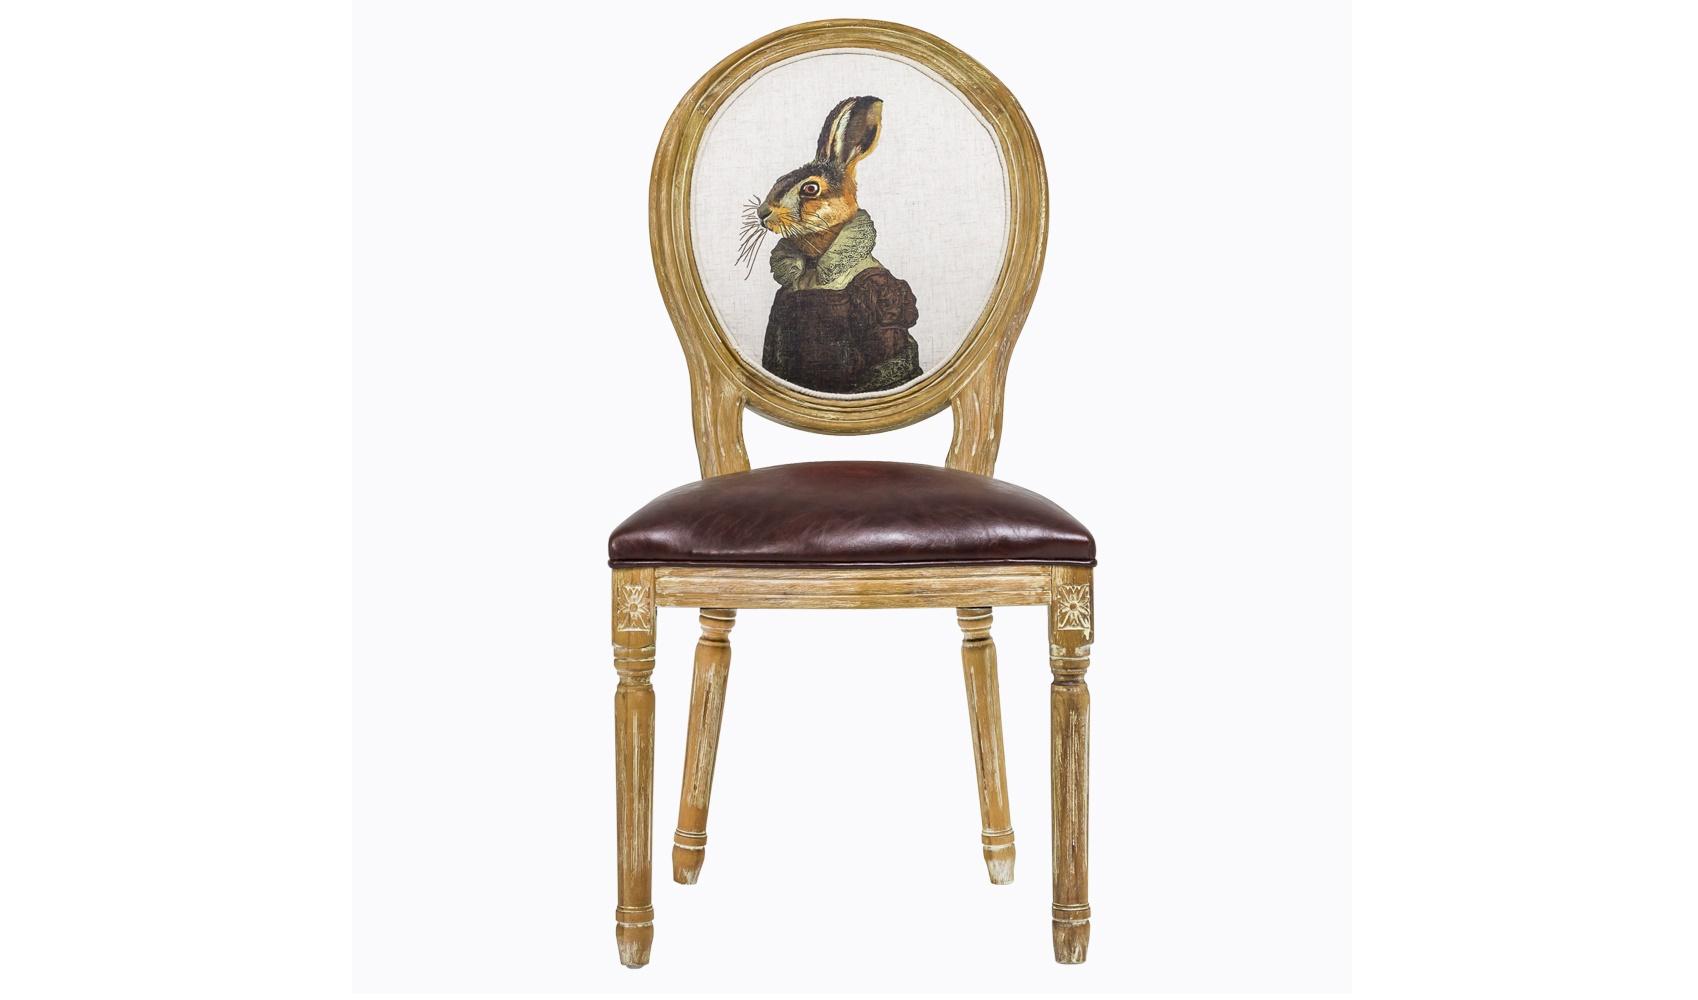 Стул «Мисс Зайка»Обеденные стулья<br>&amp;lt;div&amp;gt;Это не стул. Это ядреная смесь романтичного винтажа, французской роскоши и поп-арта. В центре внимания – овальная спинка-медальон с изображением экстравагантной зайки в старинном бальном платье. Ножки и основание стула выточены из цельной древесины и вручную покрыты филигранной резьбой, а для пущего эффекта – искусственно состарены и выбелены. Тканевая обивка пропитана специальным составом, который не только повышает прочность и долговечность материи, но и делает ее стойкой к загрязнениям. Обивка сиденья – эко-кожа. Вес – 7 кг.&amp;lt;/div&amp;gt;<br><br>Material: Кожа<br>Ширина см: 50.0<br>Высота см: 98.0<br>Глубина см: 57.0